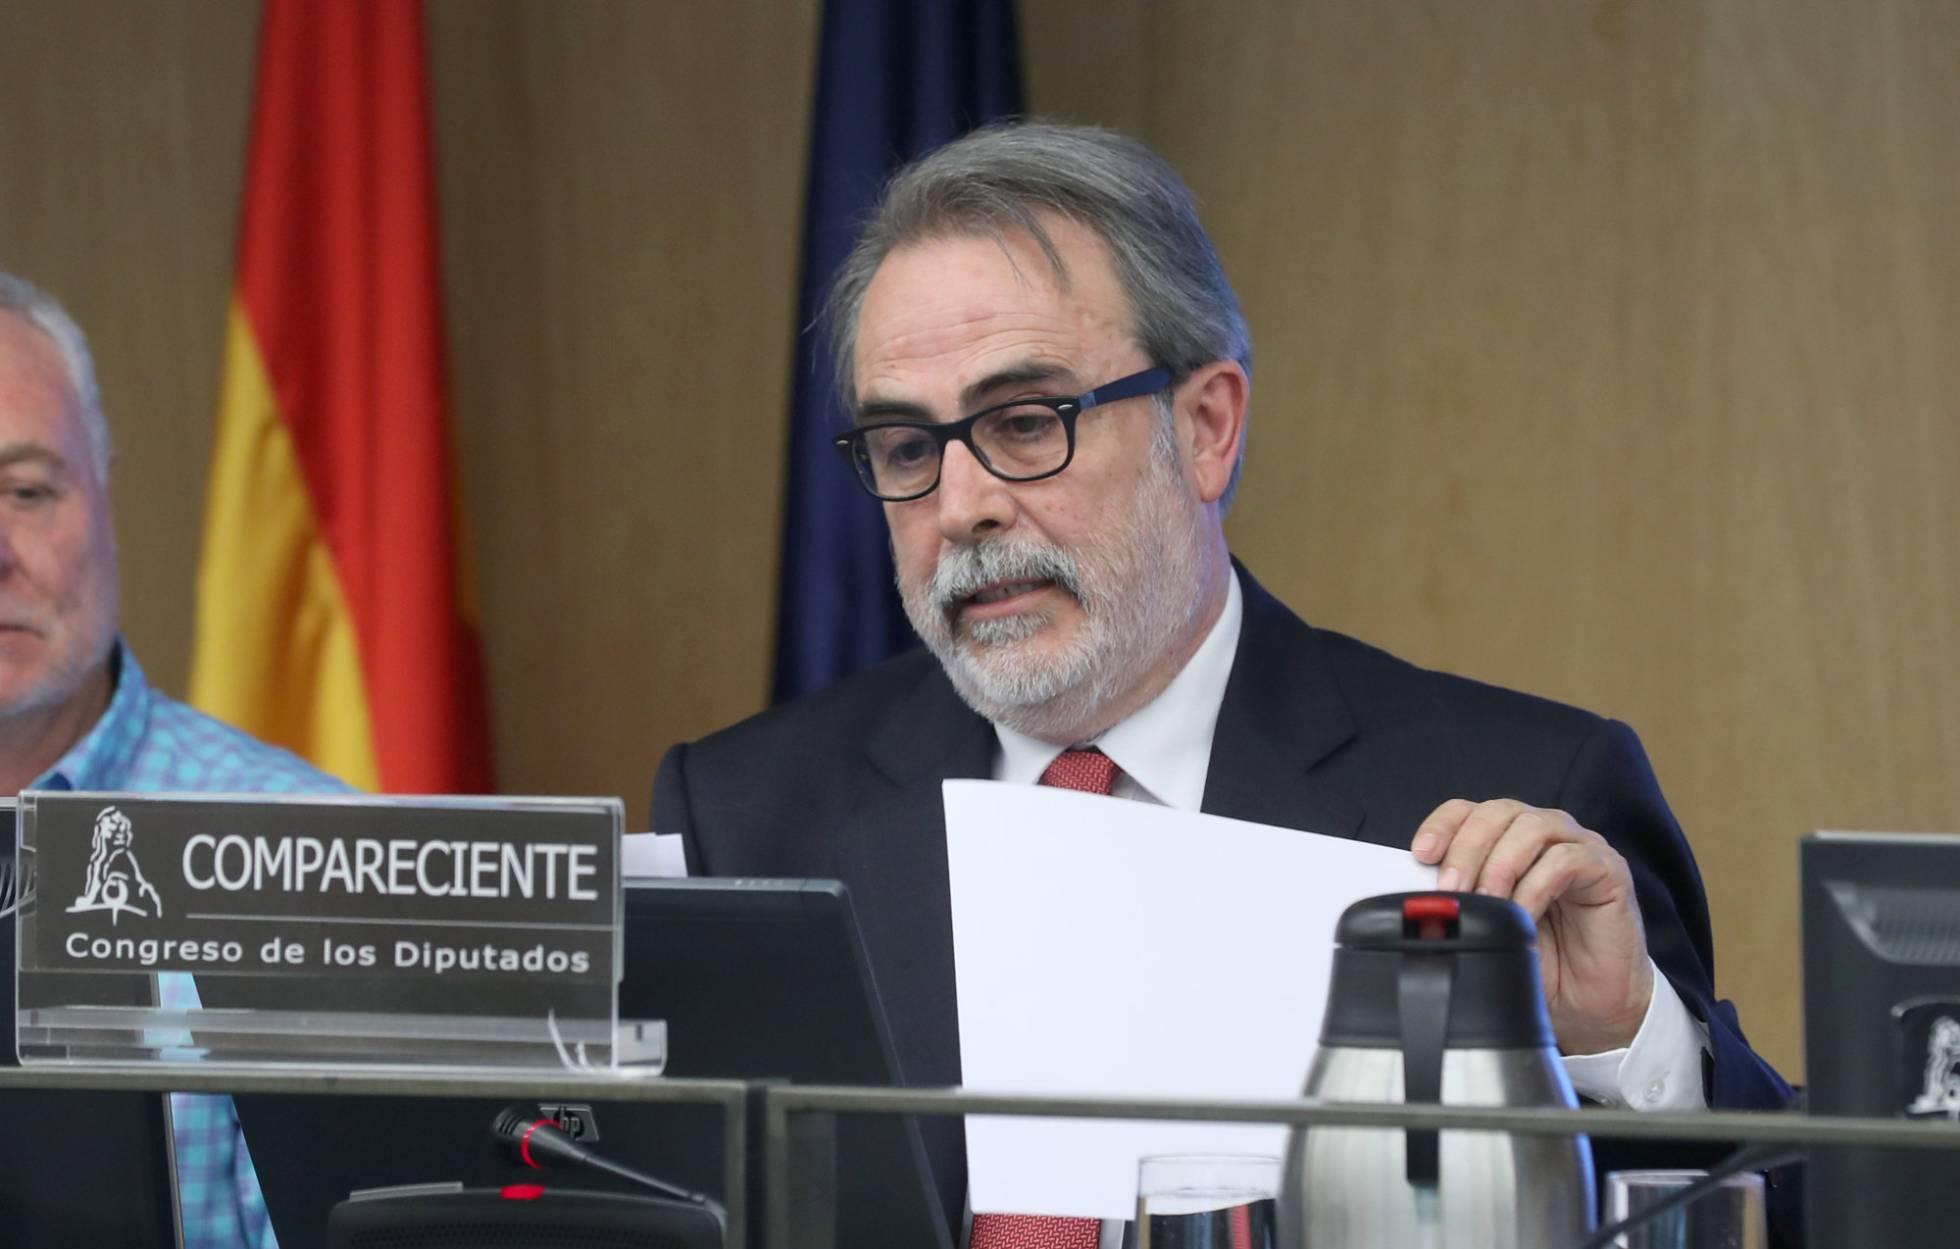 El País: «Los inspectores educativos reclaman más independencia del poder político para trabajar»